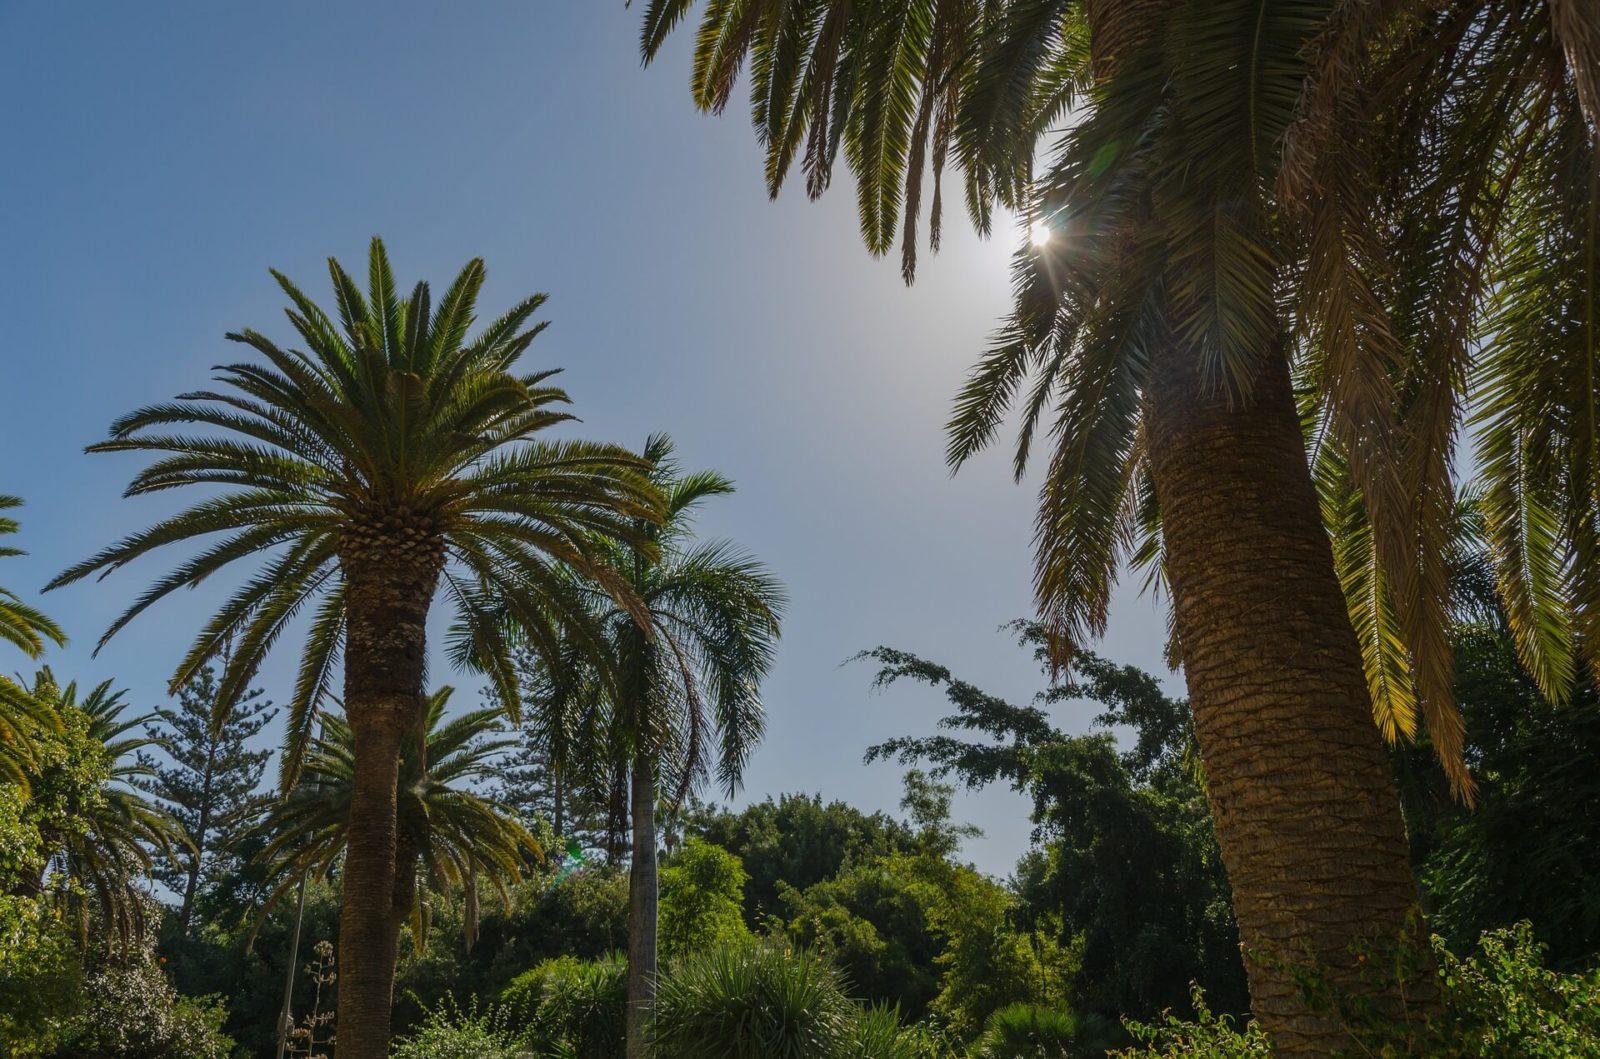 Run op zonvakanties naar Canarische eilanden